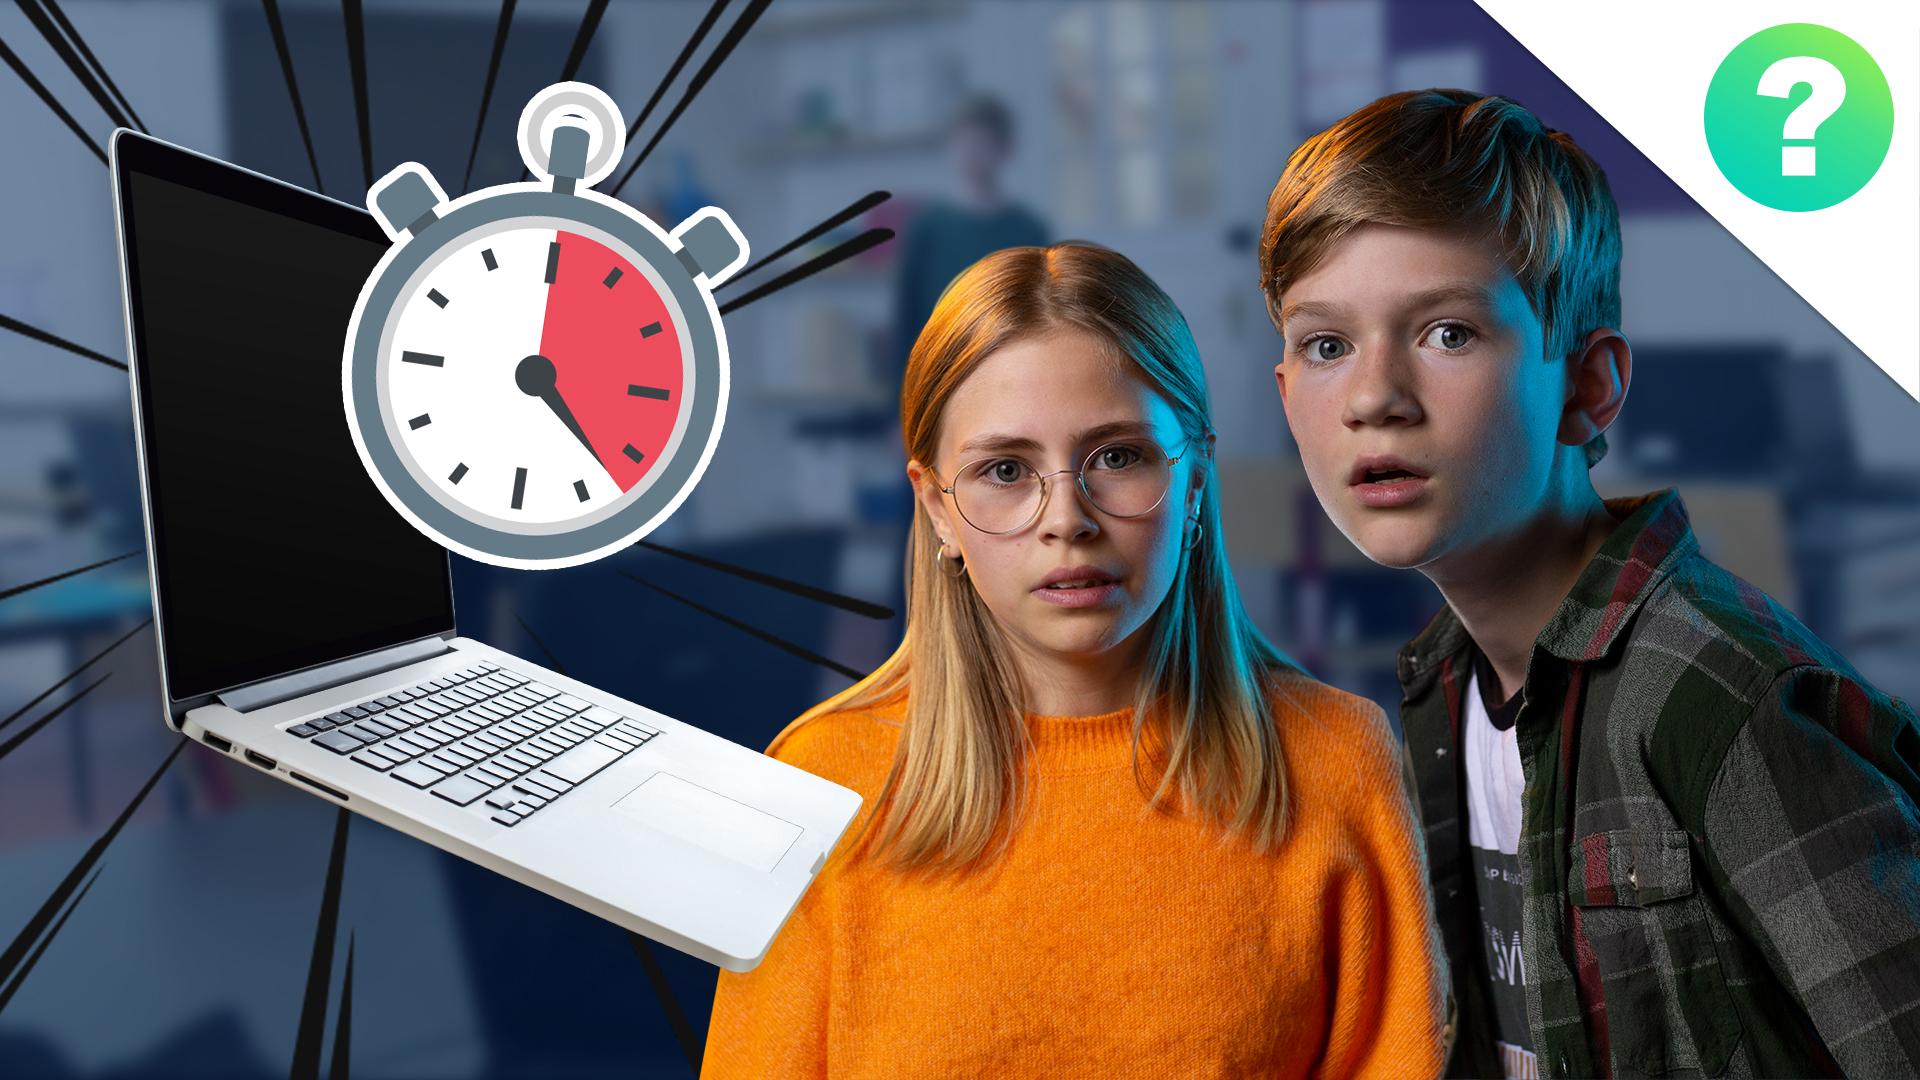 find-andreas-computer-med-ikon.jpg